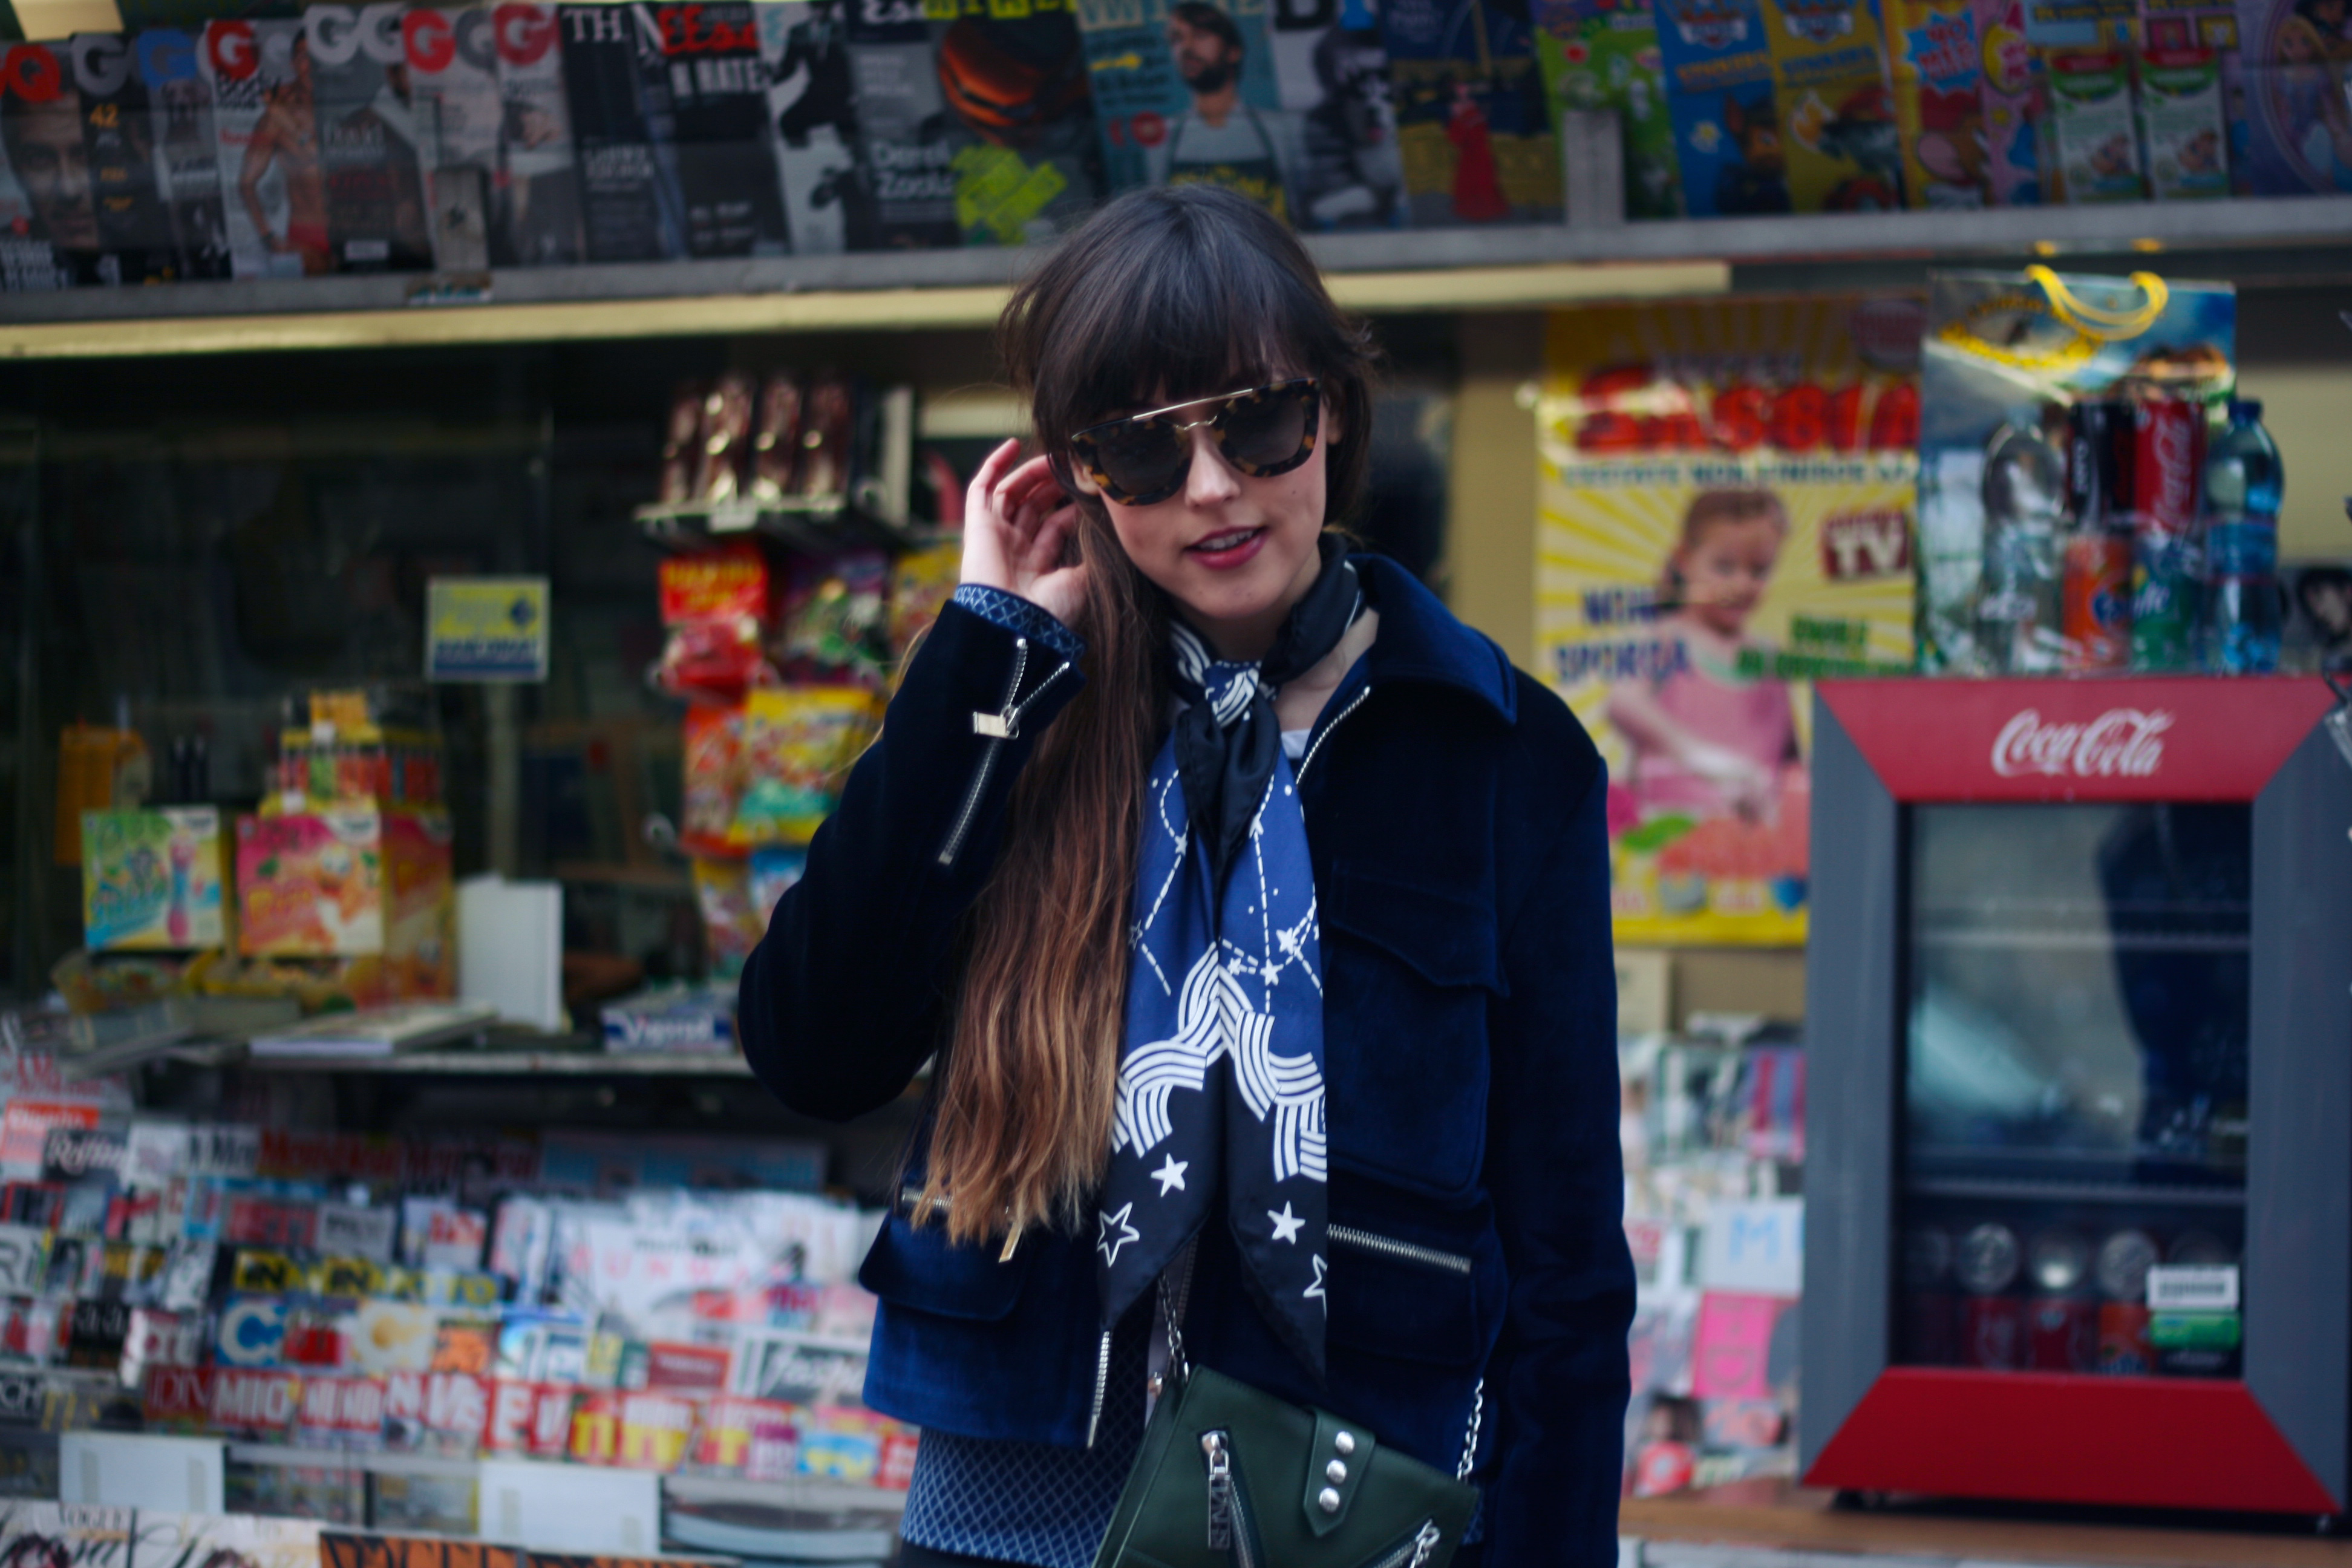 milan-fashion-week-outfit-zoe-karssen-velours-jacket-9